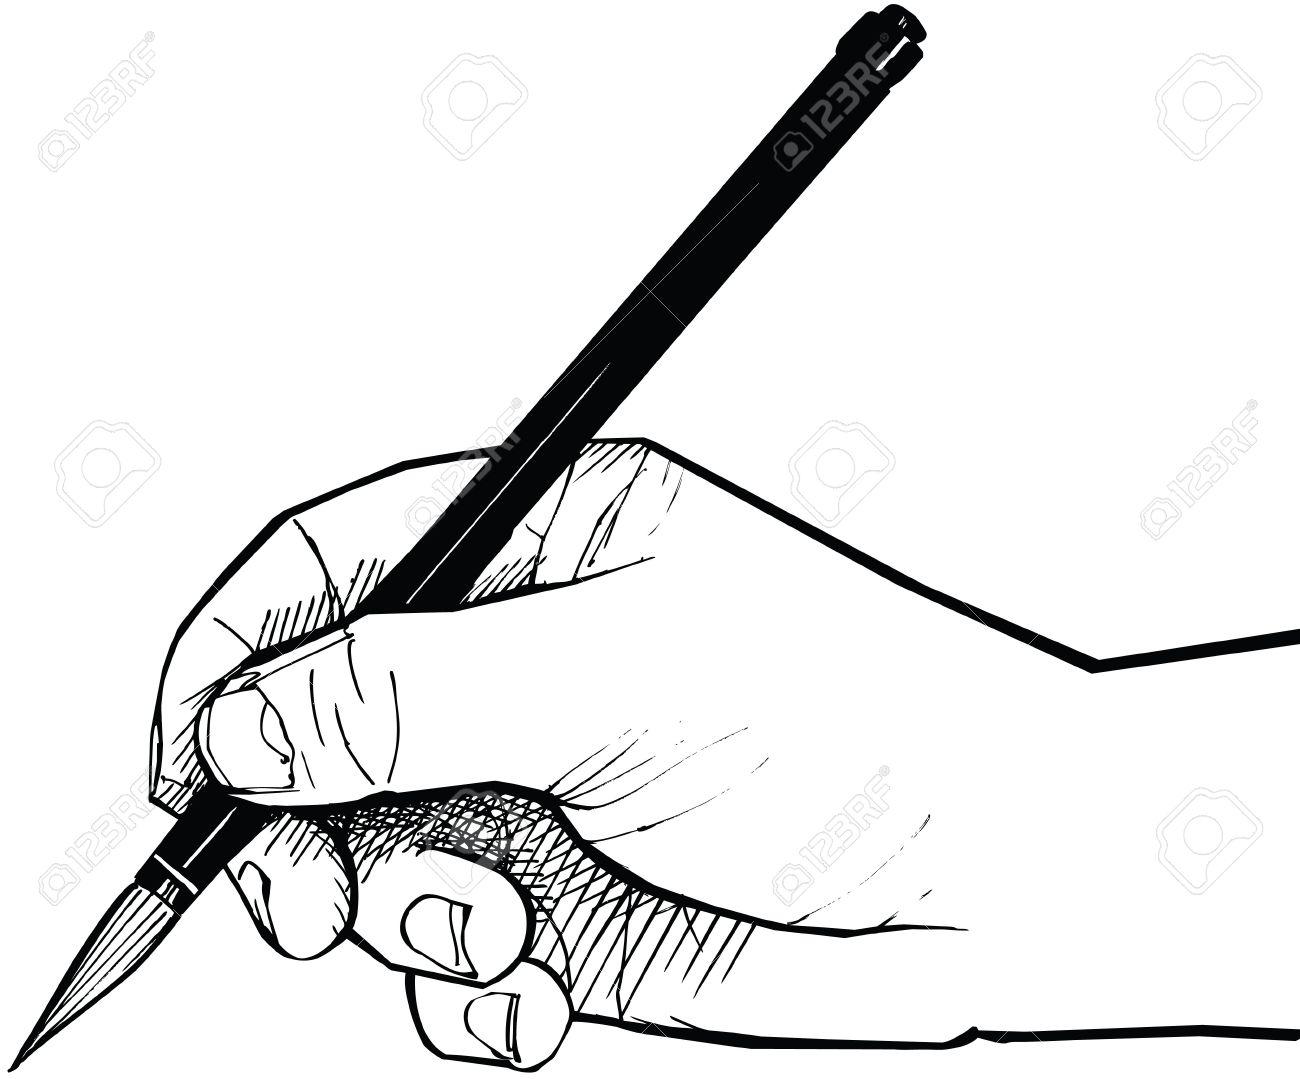 Painting Brush Drawing At Getdrawings